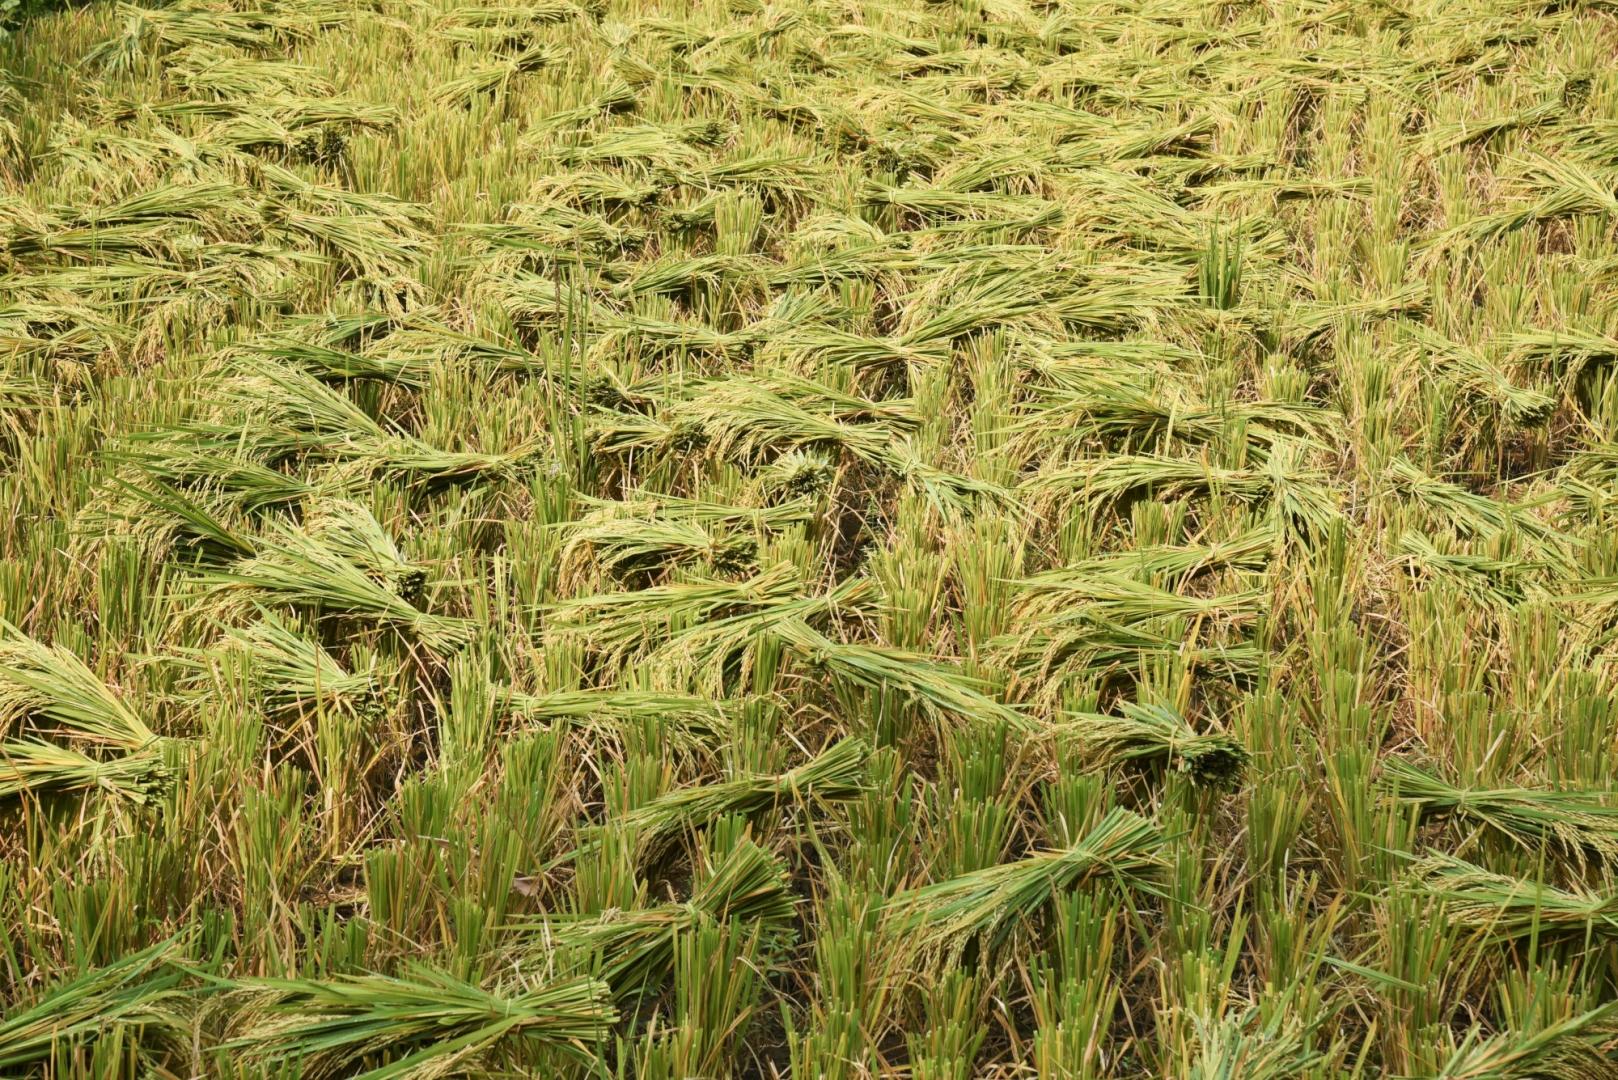 Сегодня кобр и других опасных для человека змей можно встретить не только на рисовых полях, но и в домах, и огородах сельских жителей. Каждый год от ядовитых укусов погибает несколько сотен детей и взрослых